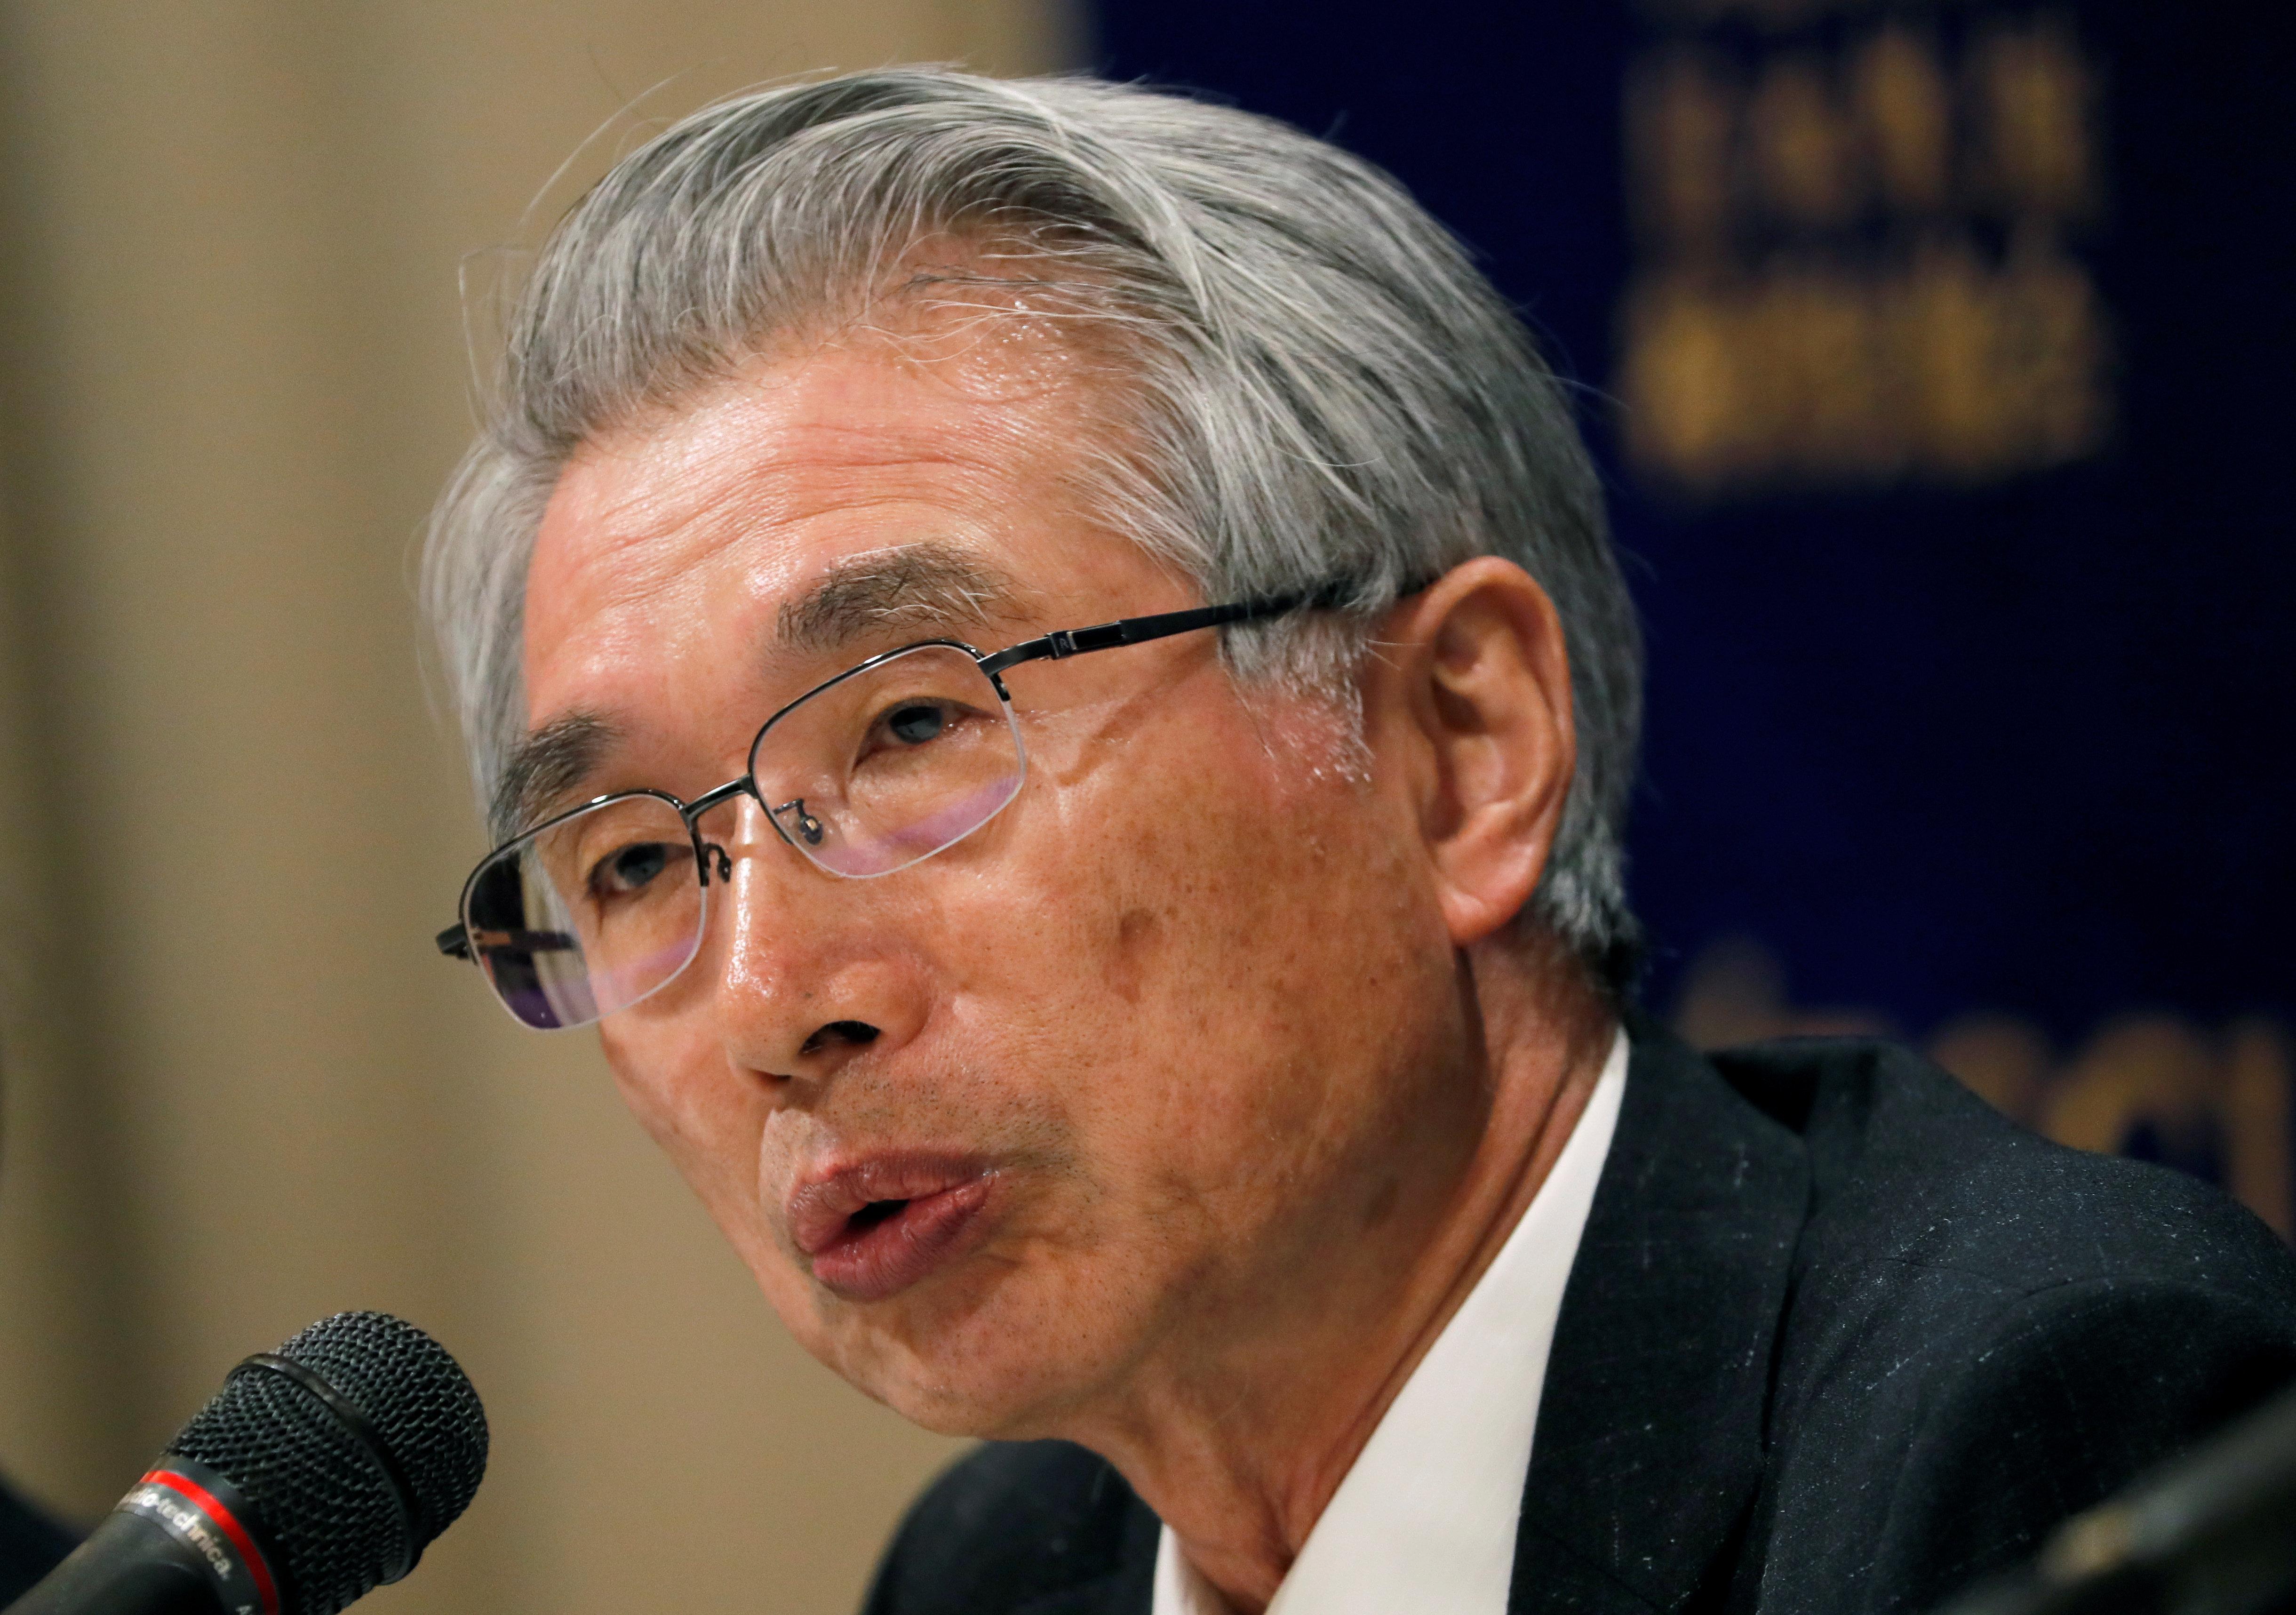 カルロス・ゴーン被告の4度目逮捕に、弘中惇一郎弁護士が怒りの会見。「文明国としてあってはならない暴挙」